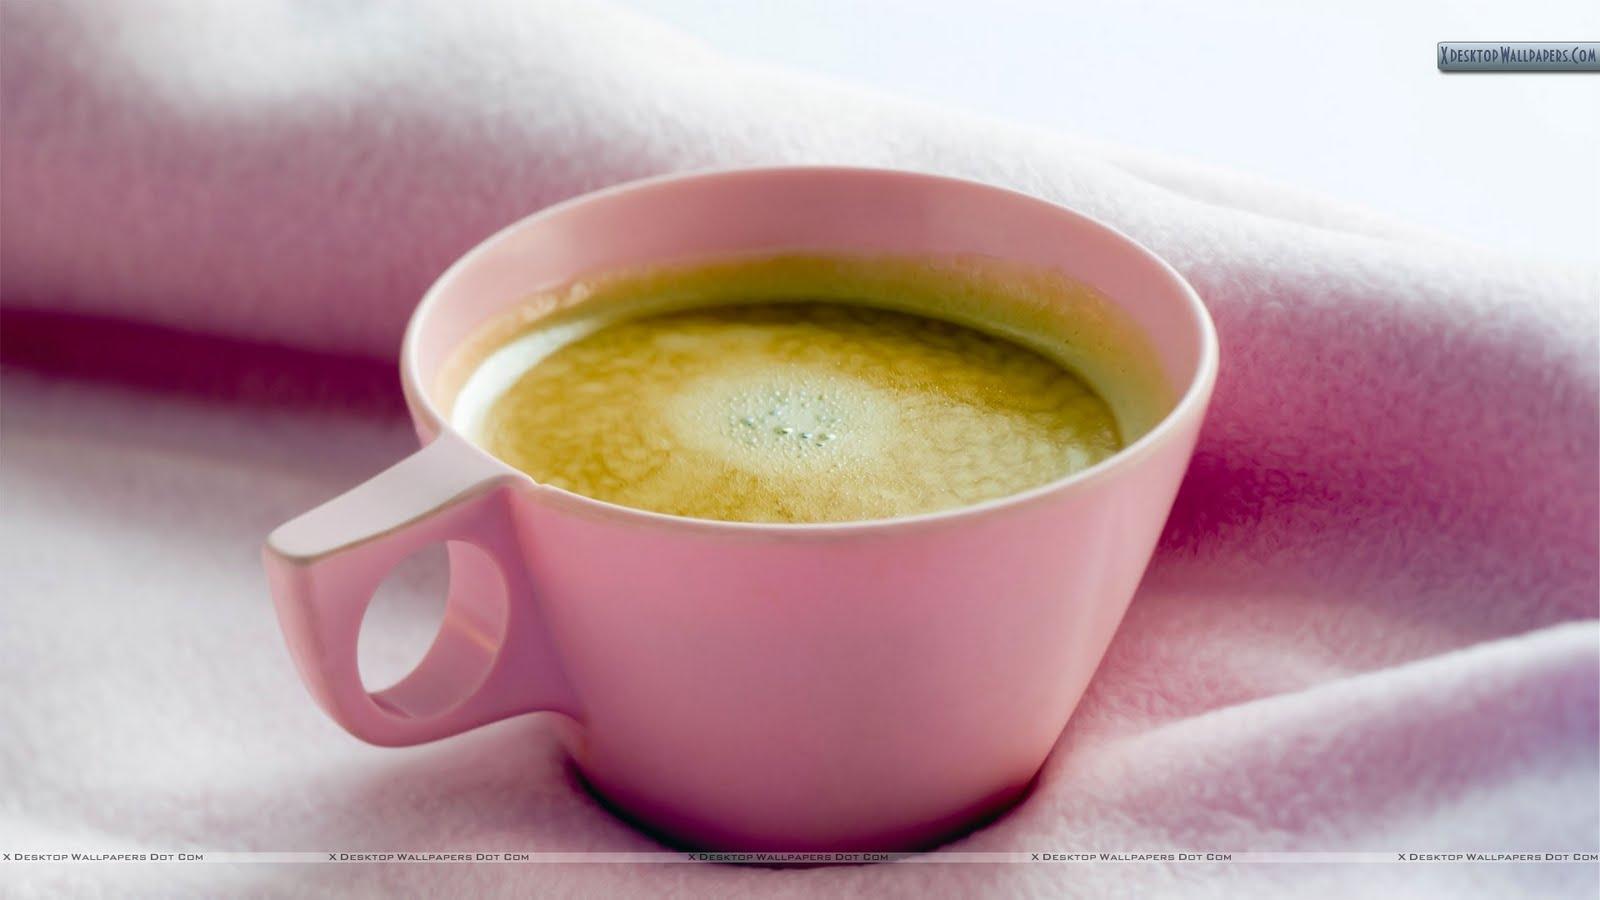 http://3.bp.blogspot.com/_Ff7fhKdRG3E/TSj9mwbtuaI/AAAAAAAAAK4/egxp1VzgE5M/s1600/Pink-Cup-Of-A-Tea.jpg